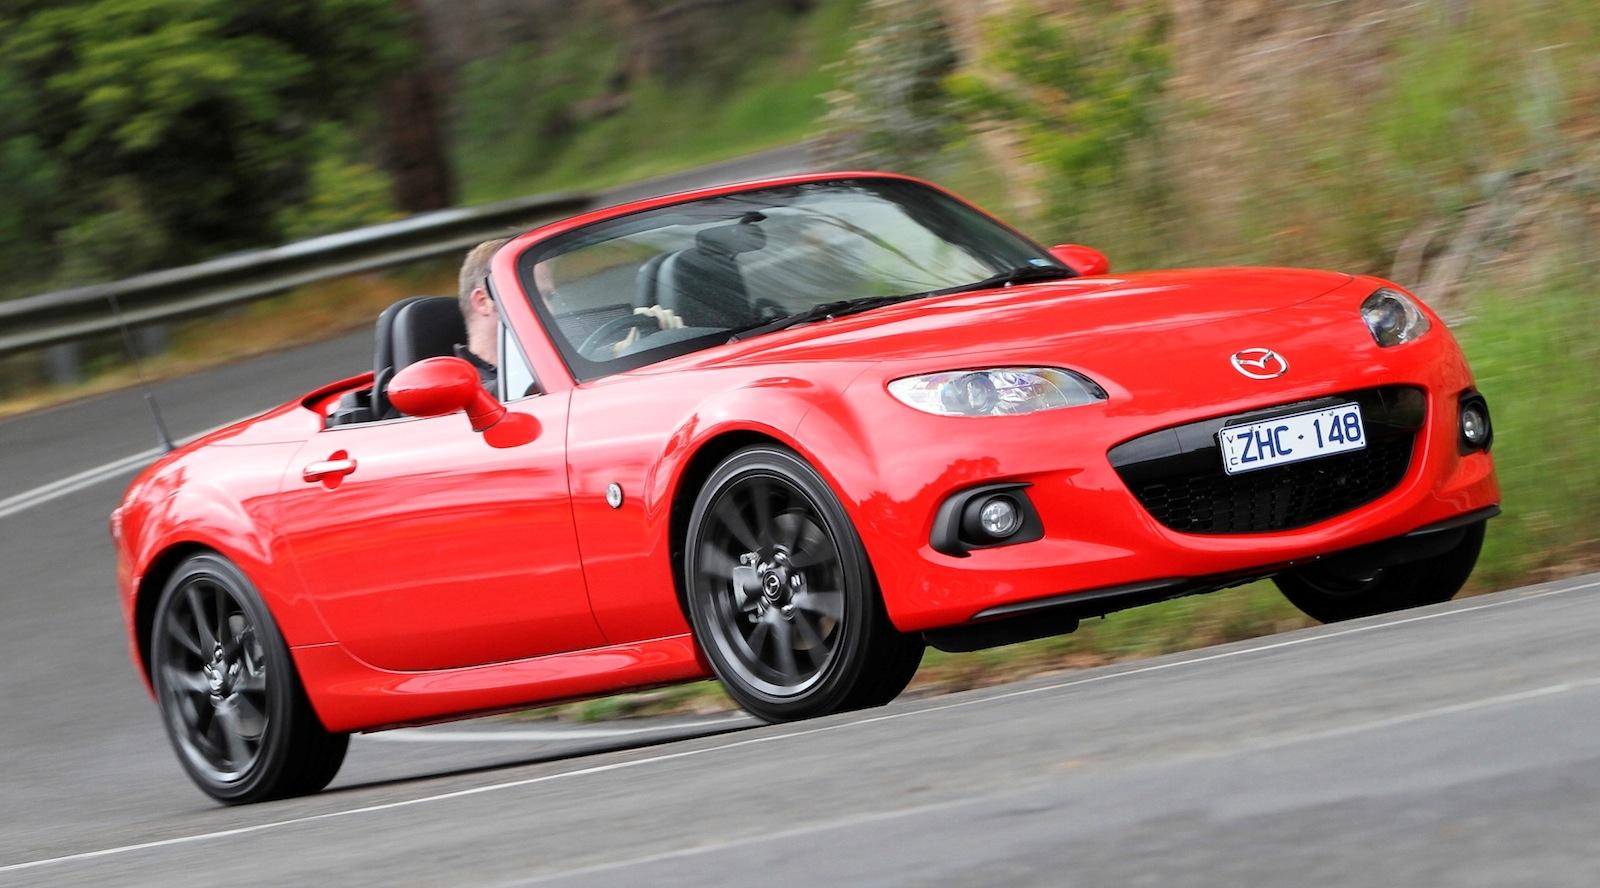 Mazda MX-5 Miata Club Edition